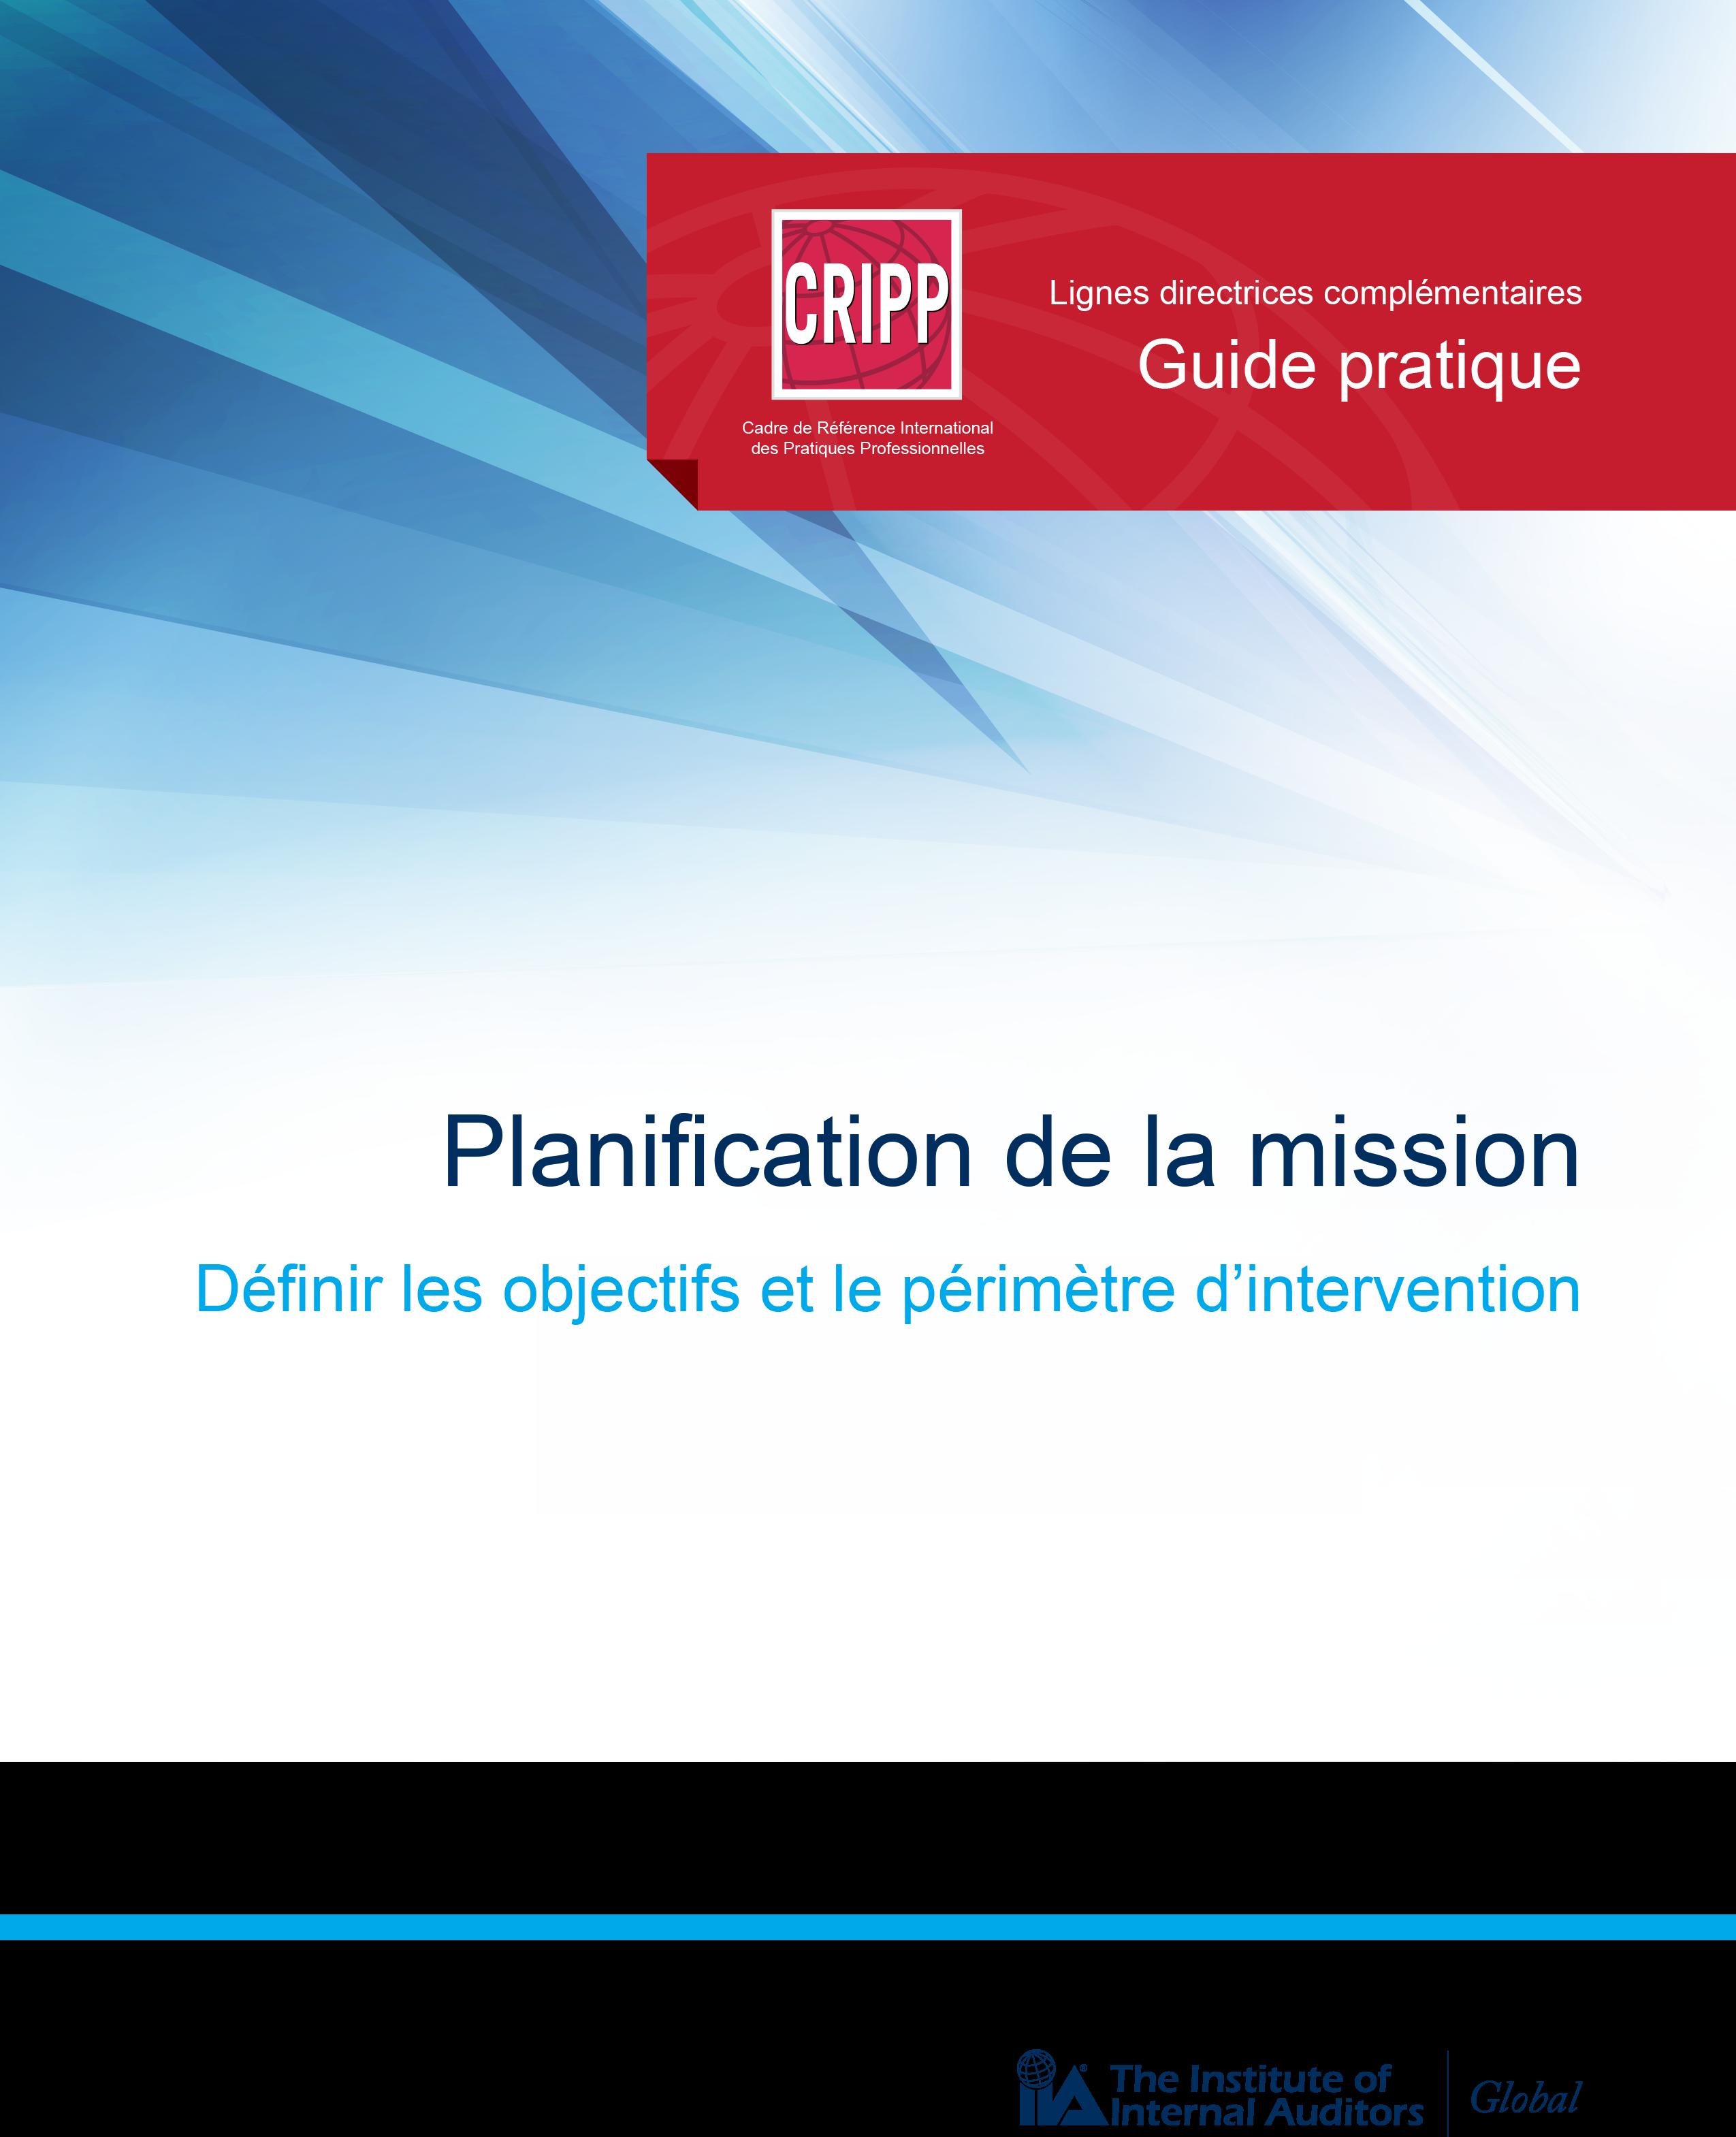 Guide pratique : Planification de la mission – Définir les objectifs et le périmètre d'intervention